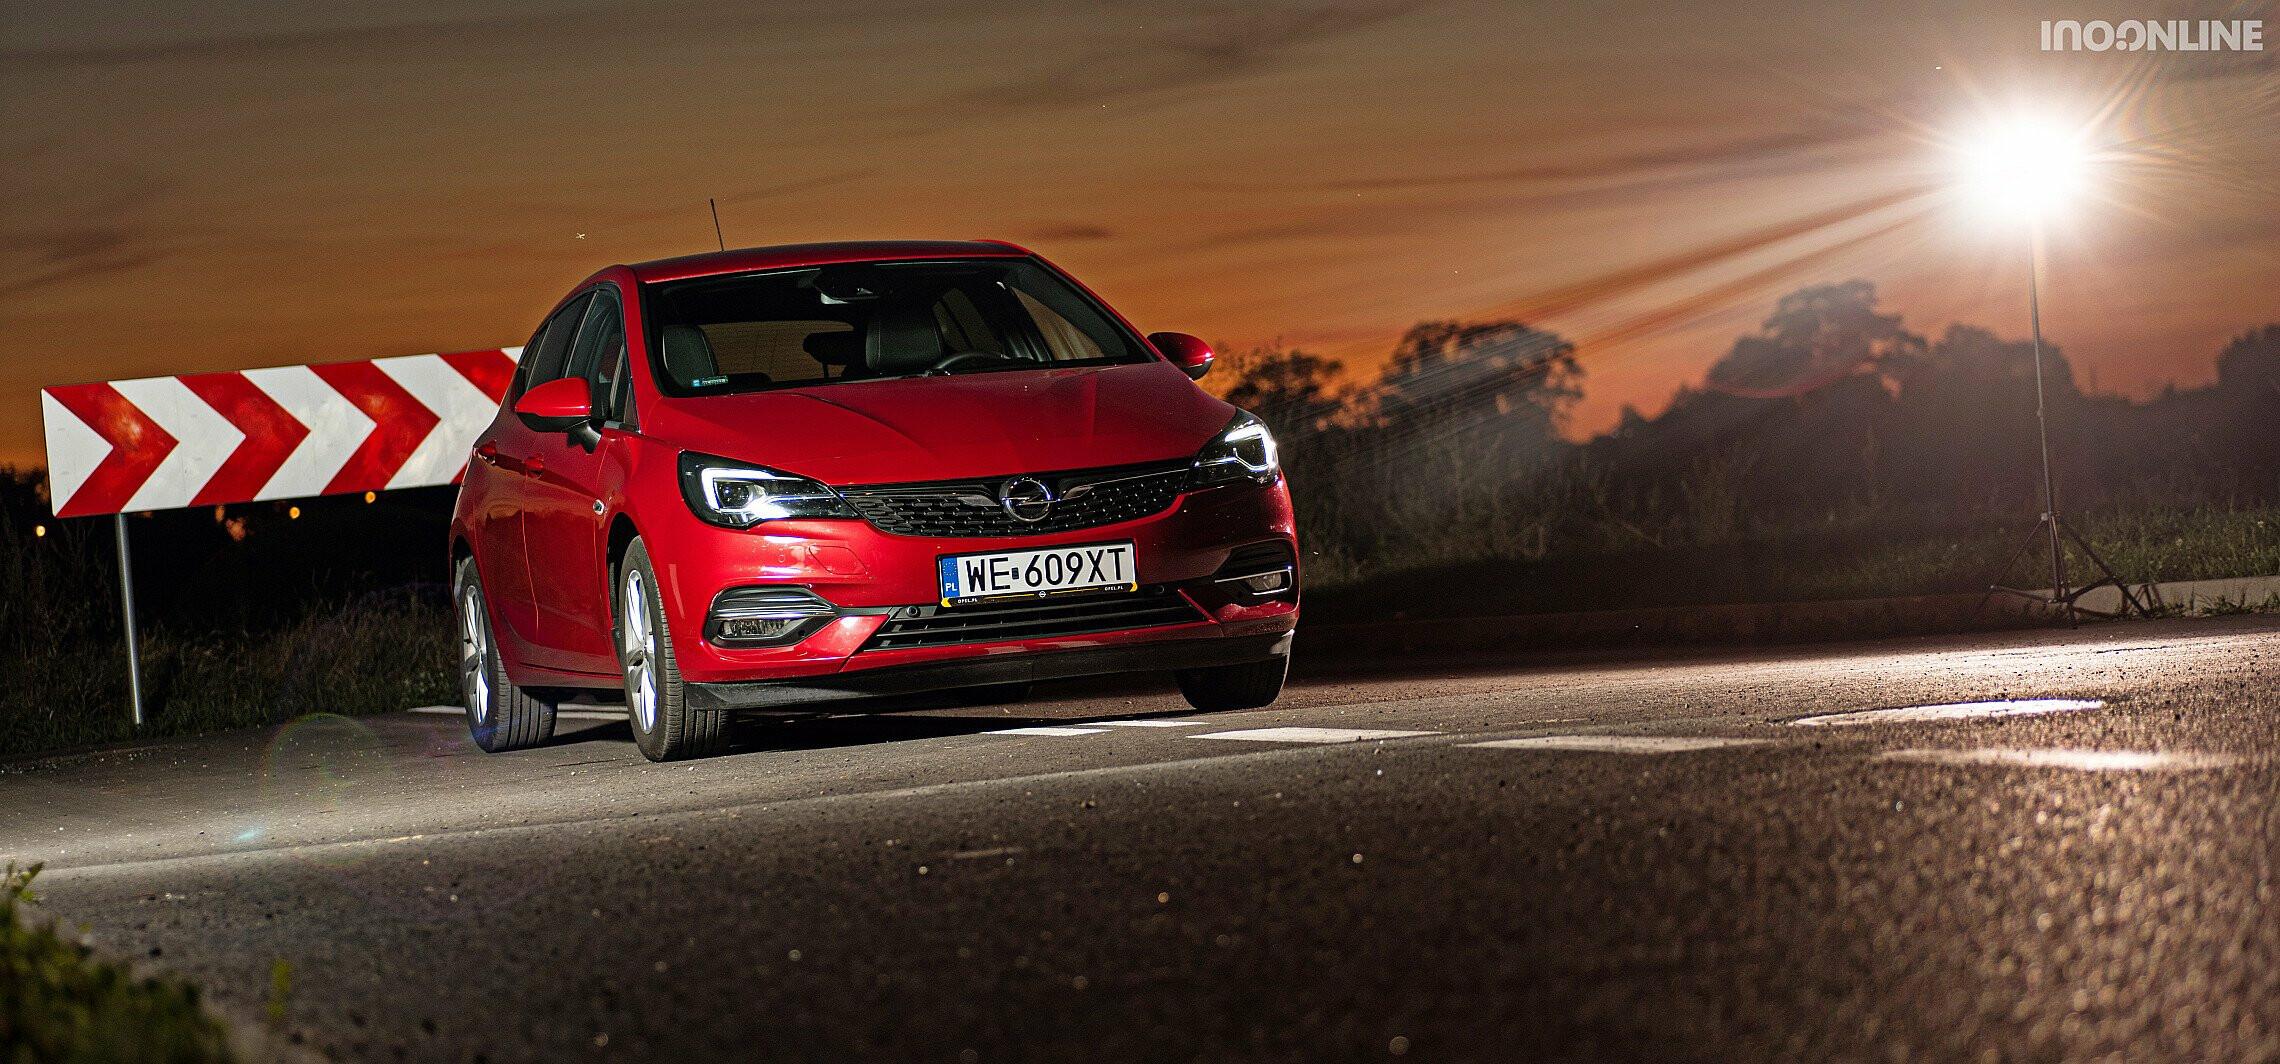 Nowy Opel Astra i silnikowa rewolucja